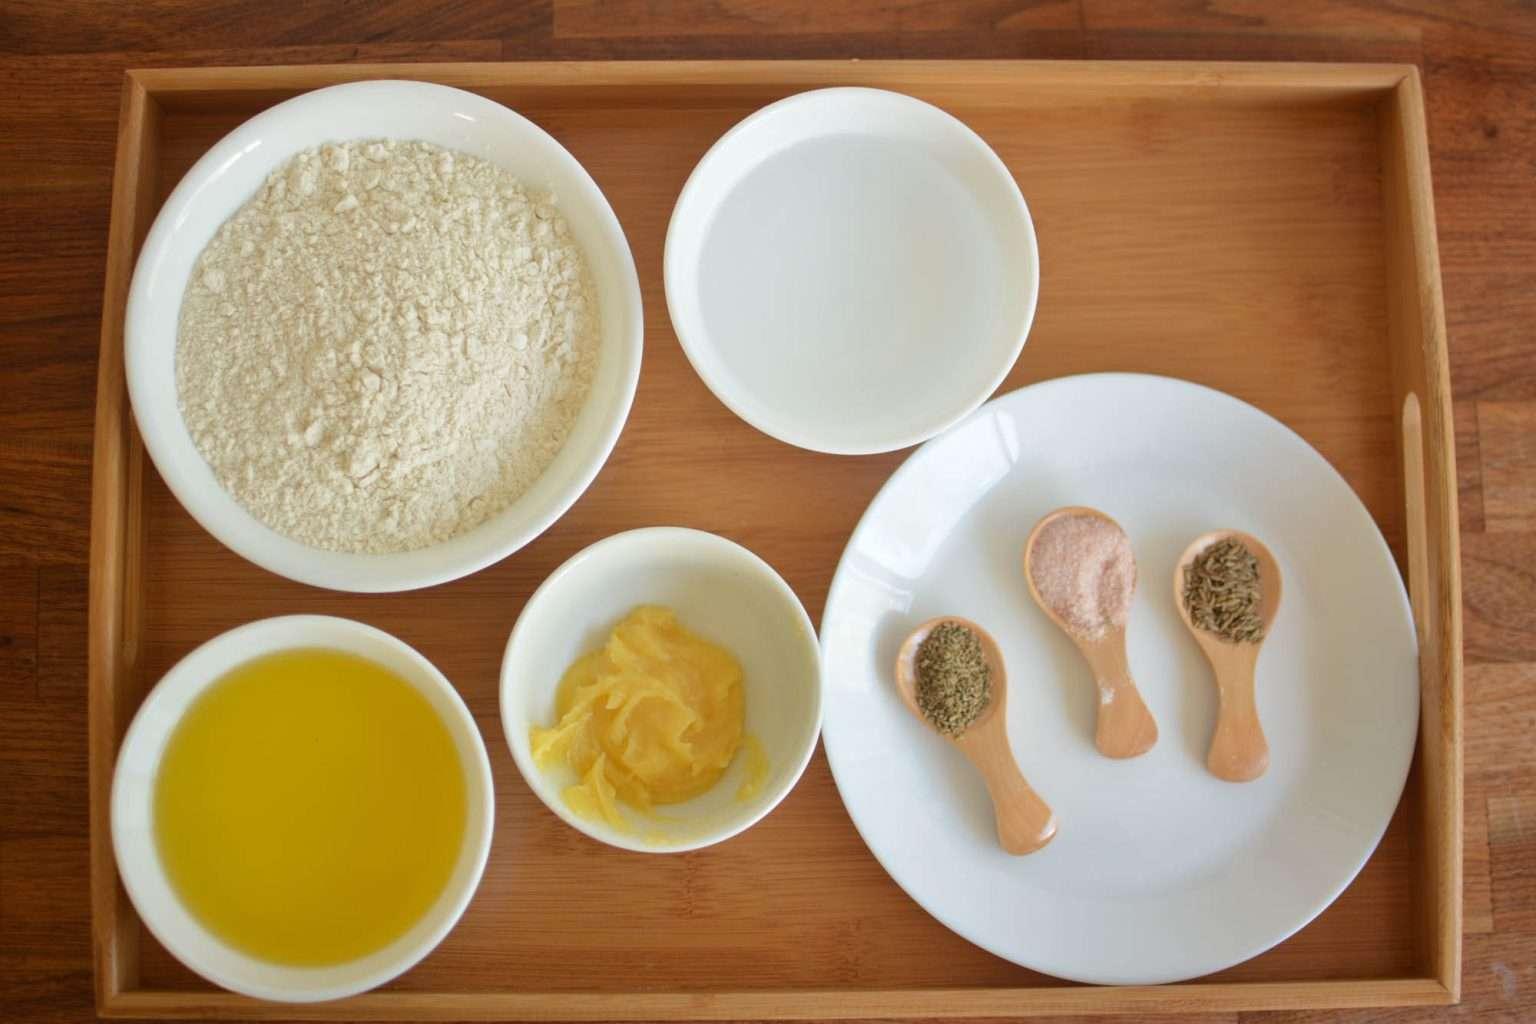 gwaramari-ingredients